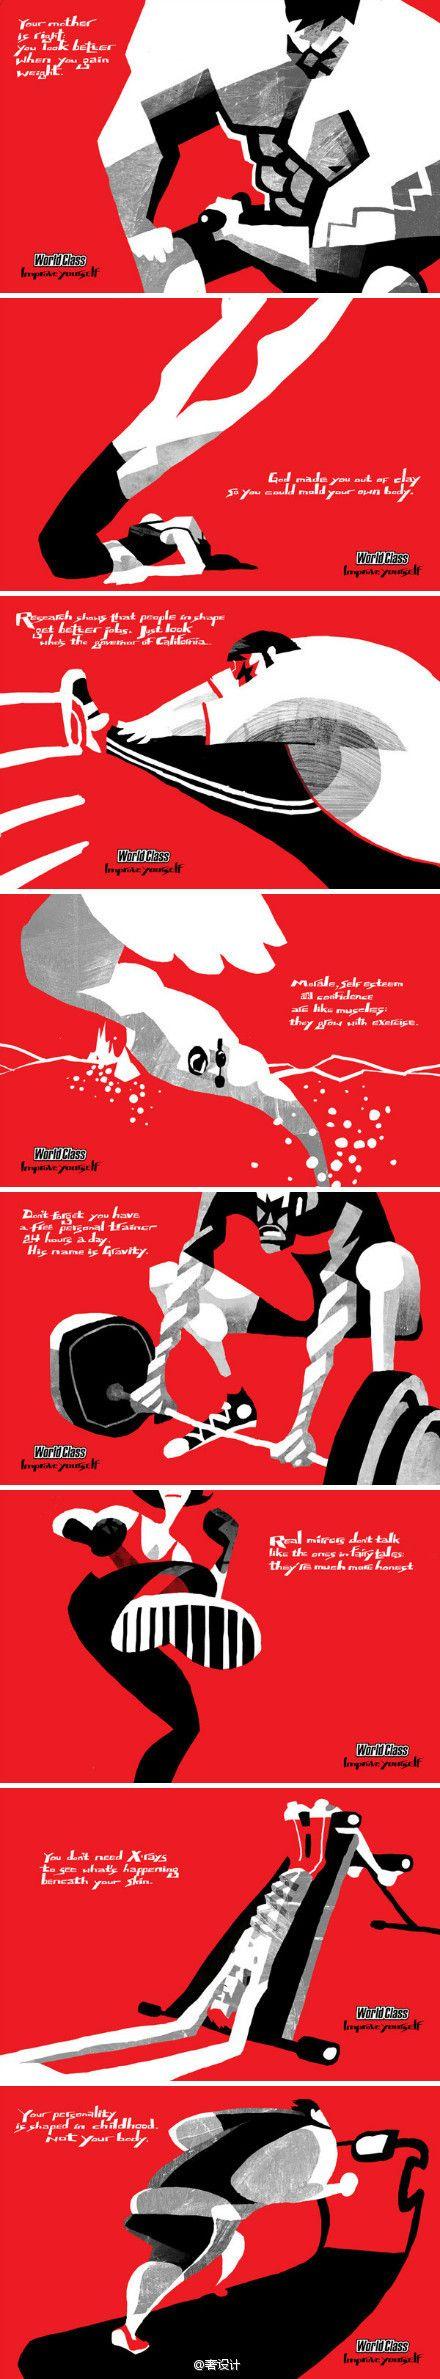 很热血的运动海报设计(大者策略 @奢设计) 来自术纳 - 微博